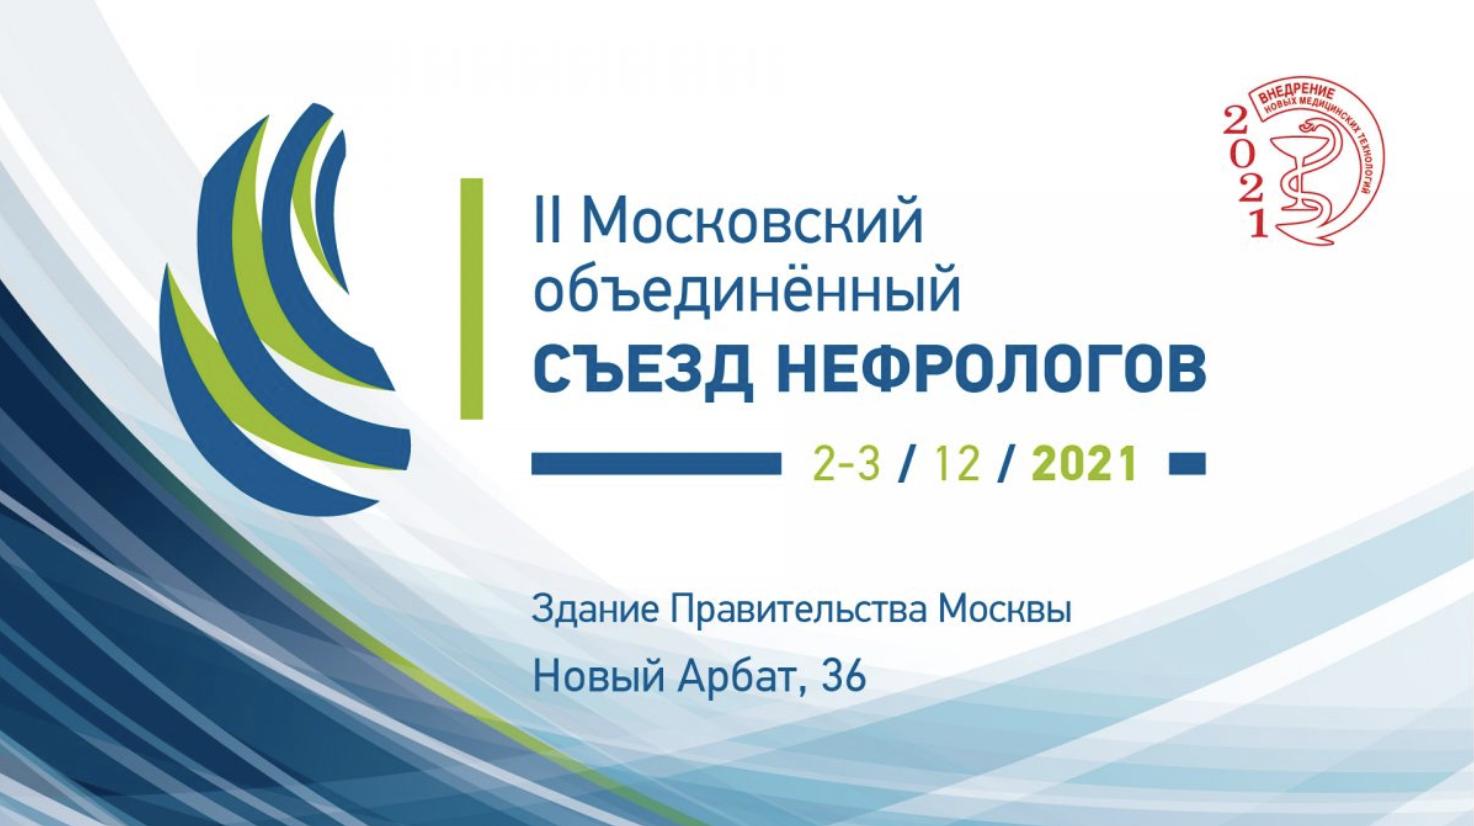 II Московский объединенный съезд нефрологов